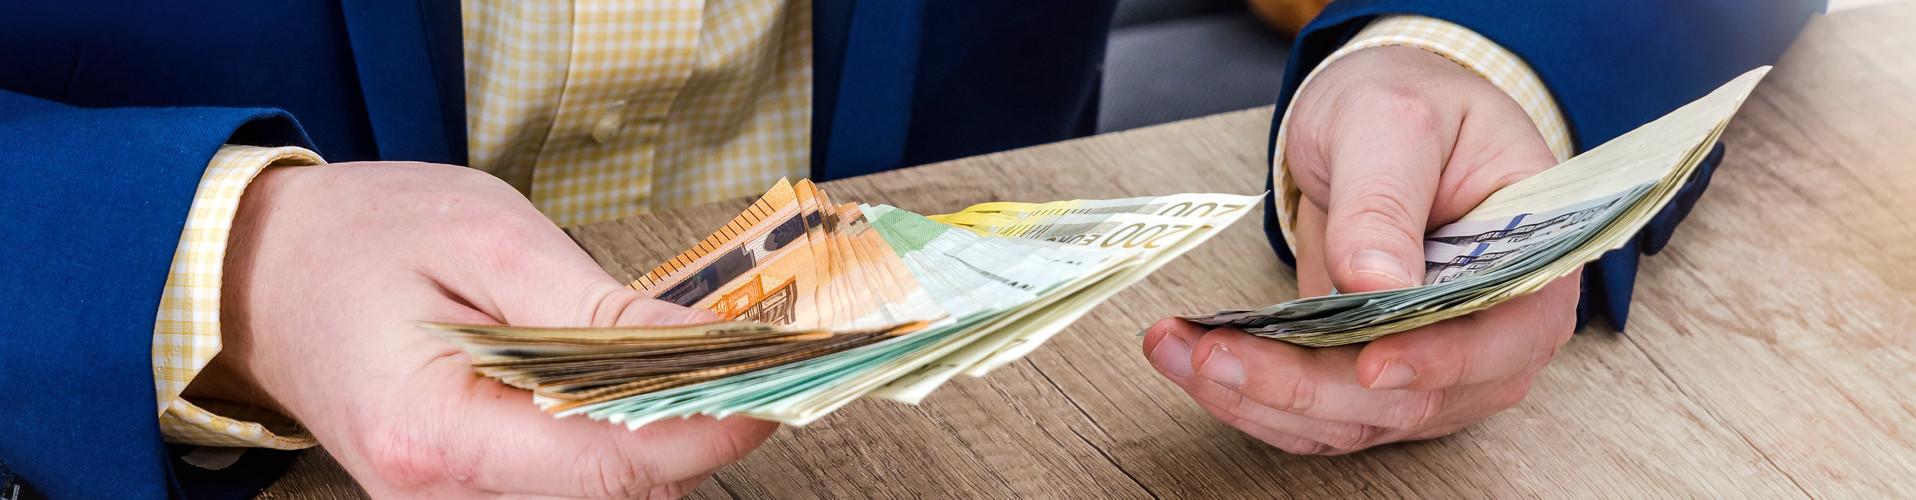 Blick auf die Hände eines Mannes im Anzug, der Geld zählt © alfexe, stock.adobe.com